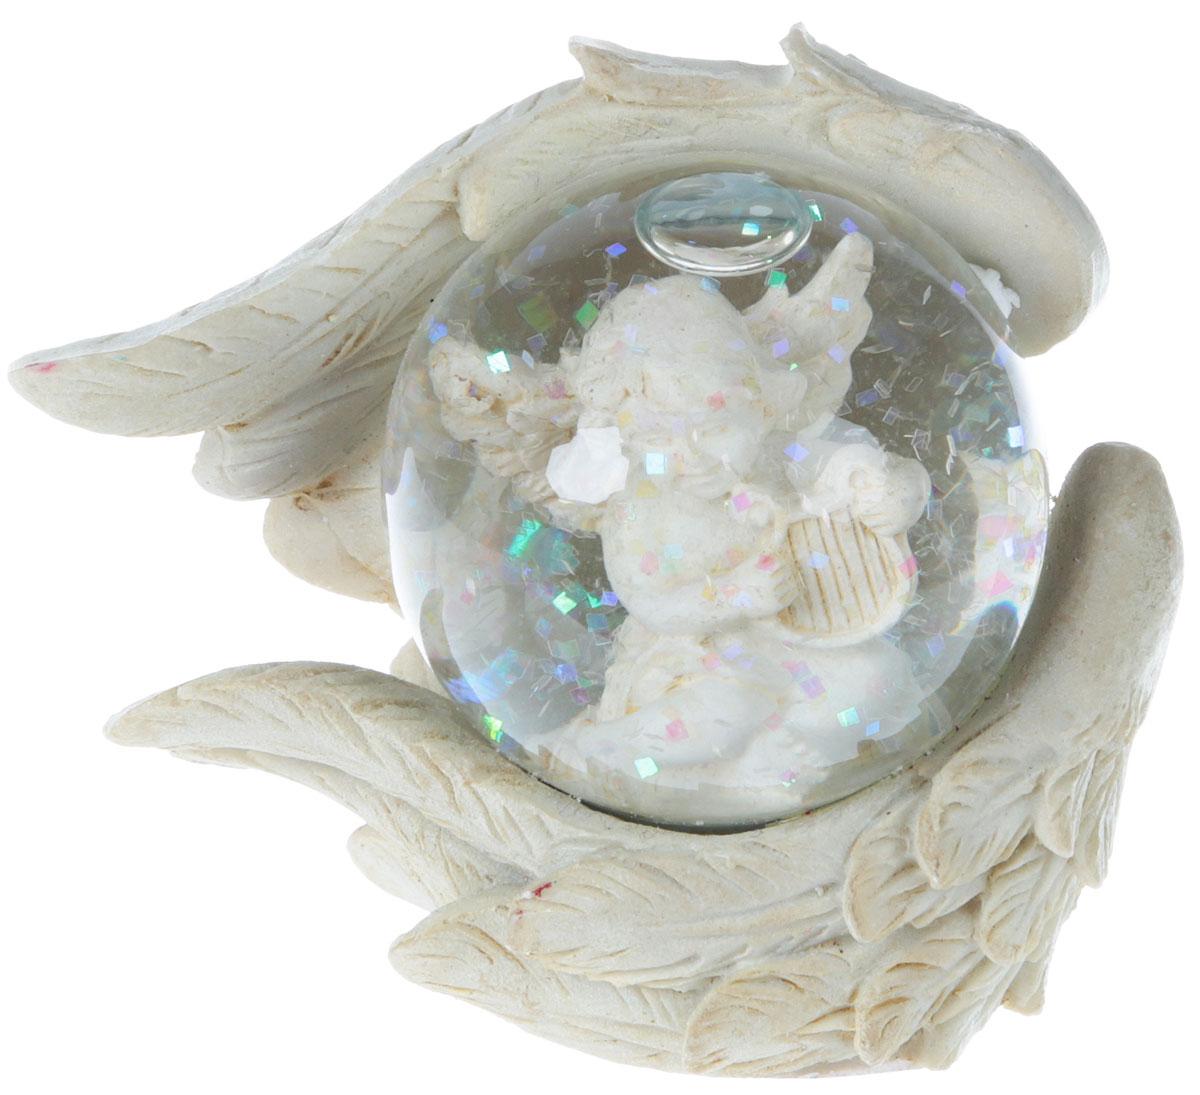 Сувенир-водяной шар B&H Ангел, 7,5 x 4,5 x 6,5 смBH1221Новогодний сувенир-водяной шар Ангел прекрасно подойдет для праздничного декора вашего дома. Сувенир выполнен в виде водяного шара. Шар представляет собой прозрачную сферу с безопасной и нетоксичной жидкостью, внутри которой расположена фигурка Ангела. Шар помещен на подставку, выполненную из полистоуна в форме крыльев. Если потрясти фигурку, то маленькие снежинки придут в движение, создавая имитацию снегопада. Такая фигурка поможет вам украсить дом в преддверии Нового года, а также станет приятным подарком, который надолго сохранит память этого волшебного времени года.